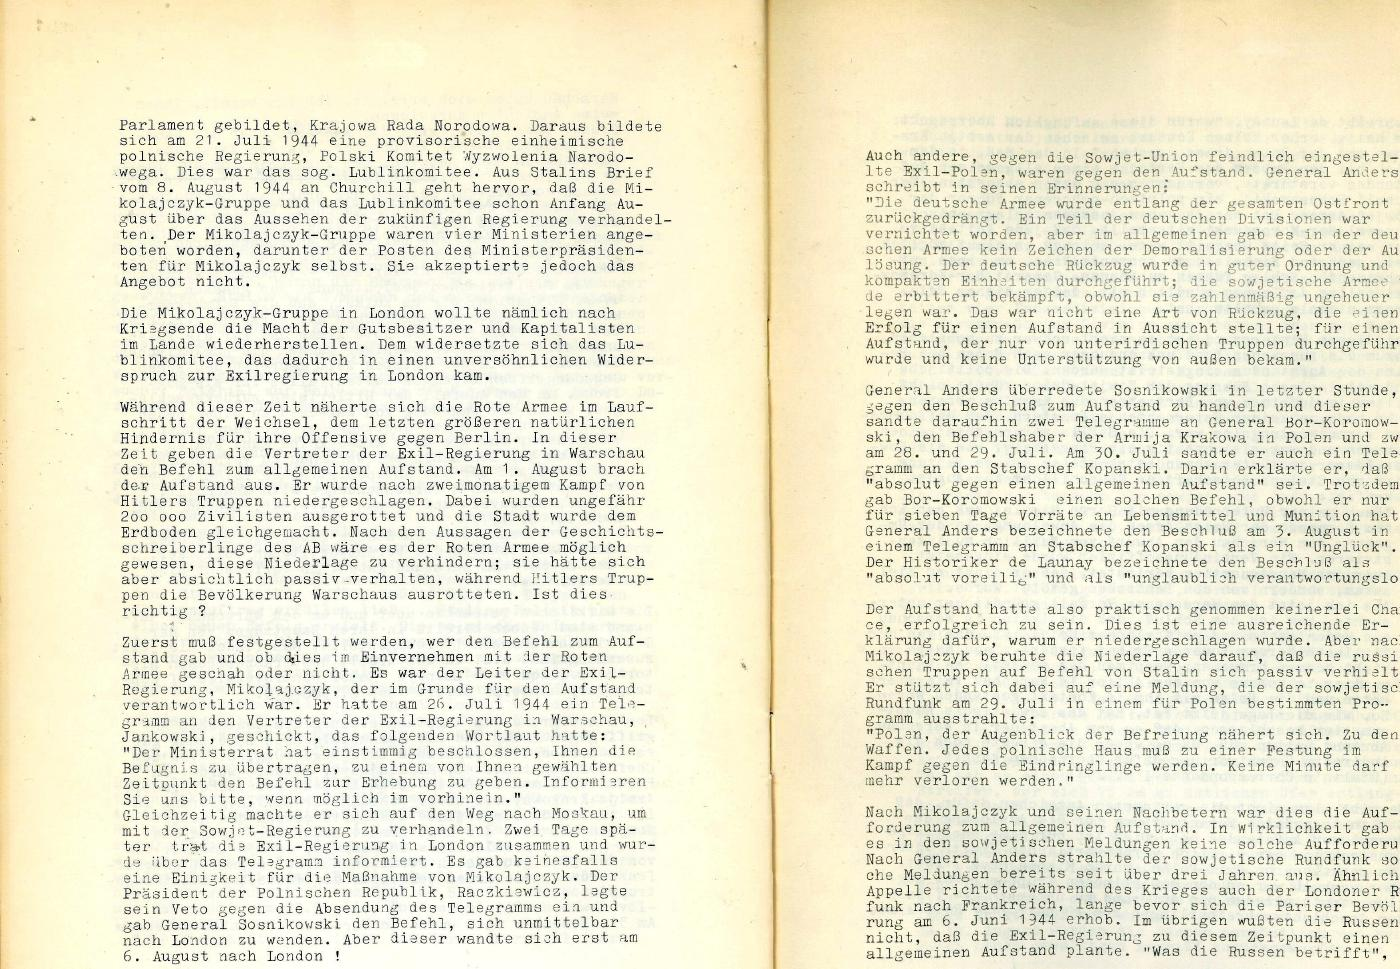 KPDML_1970_Gustafsson_Stalin_14